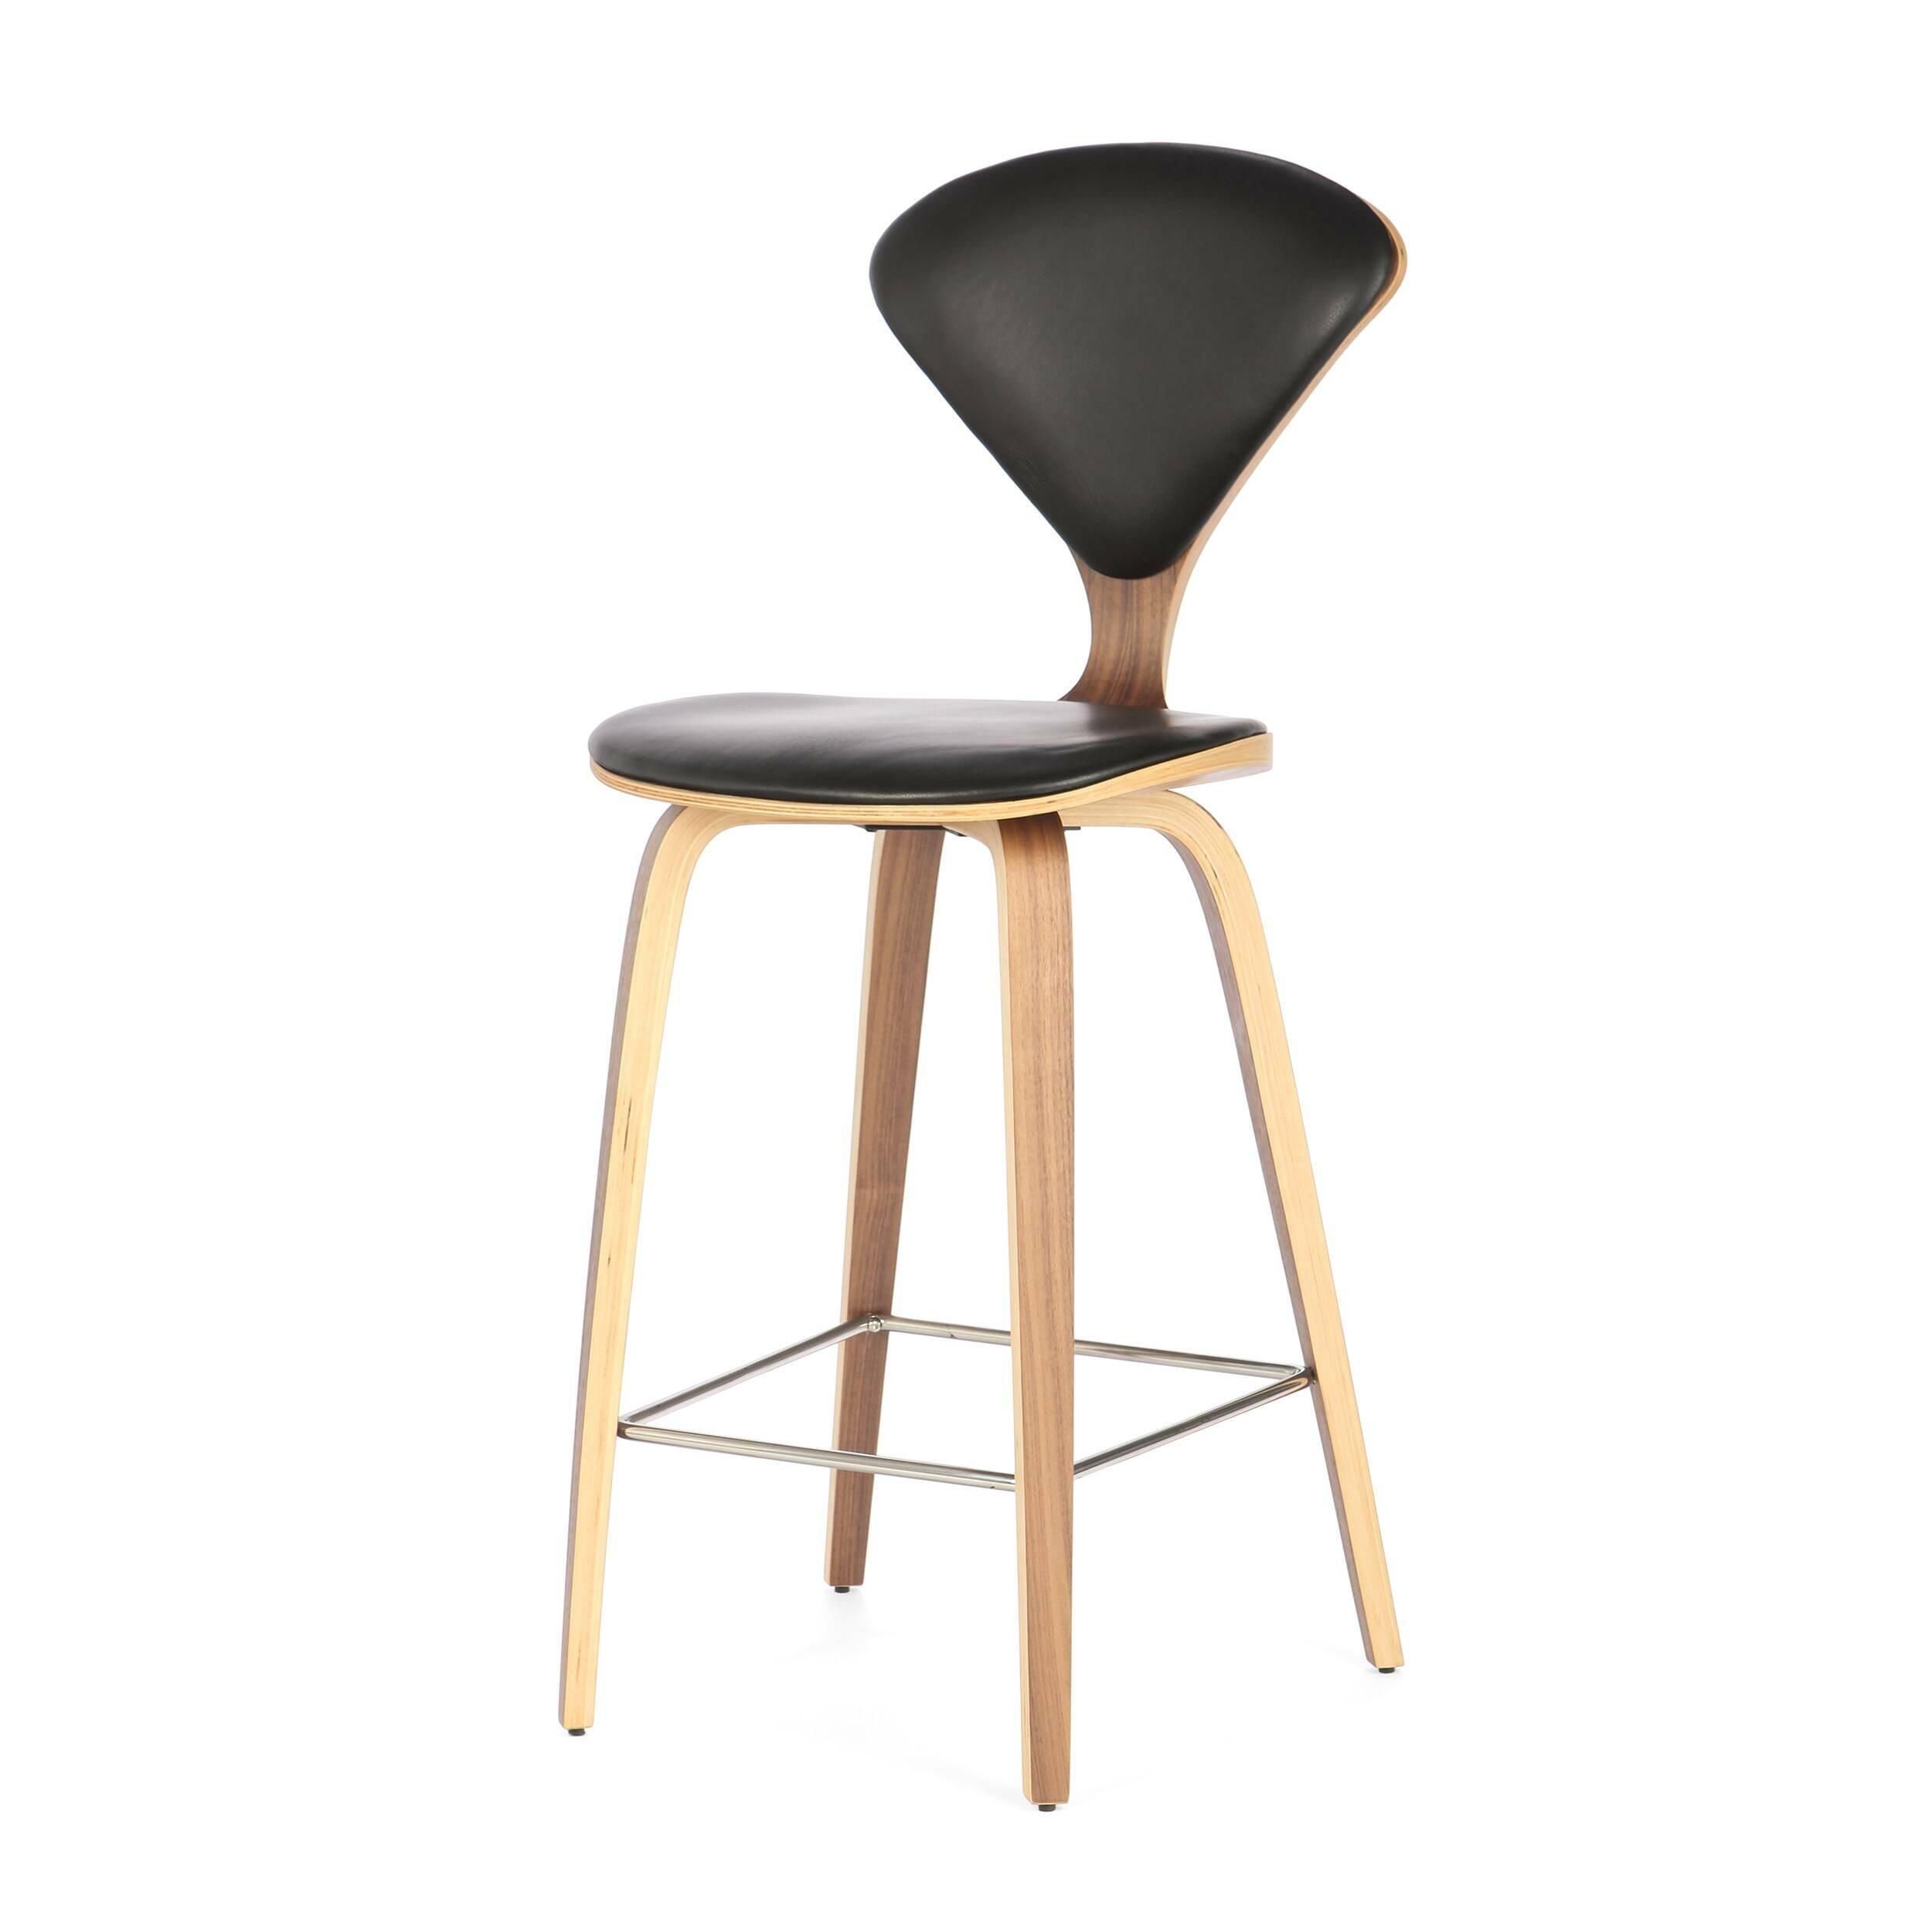 Барный стул Cherner с обивкойПолубарные<br>Барный стул Cherner с обивкой — это великолепный деревянный барный стул 1958 года по-настоящему<br>инновационного дизайна Нормана Чернера. Барный стул Cherner — прекрасный союз комфорта, новизны и стиля. Американский дизайнер Норман Чернер известен в мире дизайна прежде всего благодаря коллекции стульев Cherner. Их особенная форма, безупречные линии и необычный дизайн не выходят из моды уже долгие годы, и эти стулья стали классикой дизайна.<br><br><br> Сделанный из формованной фанеры с изогнутым...<br><br>stock: 14<br>Высота: 102,5<br>Высота сиденья: 66.5<br>Ширина: 47<br>Глубина: 54<br>Цвет ножек: Орех<br>Материал ножек: Фанера, шпон ореха<br>Цвет сидения: Черный<br>Тип материала сидения: Кожа<br>Коллекция ткани: Harry Leather<br>Тип материала ножек: Дерево